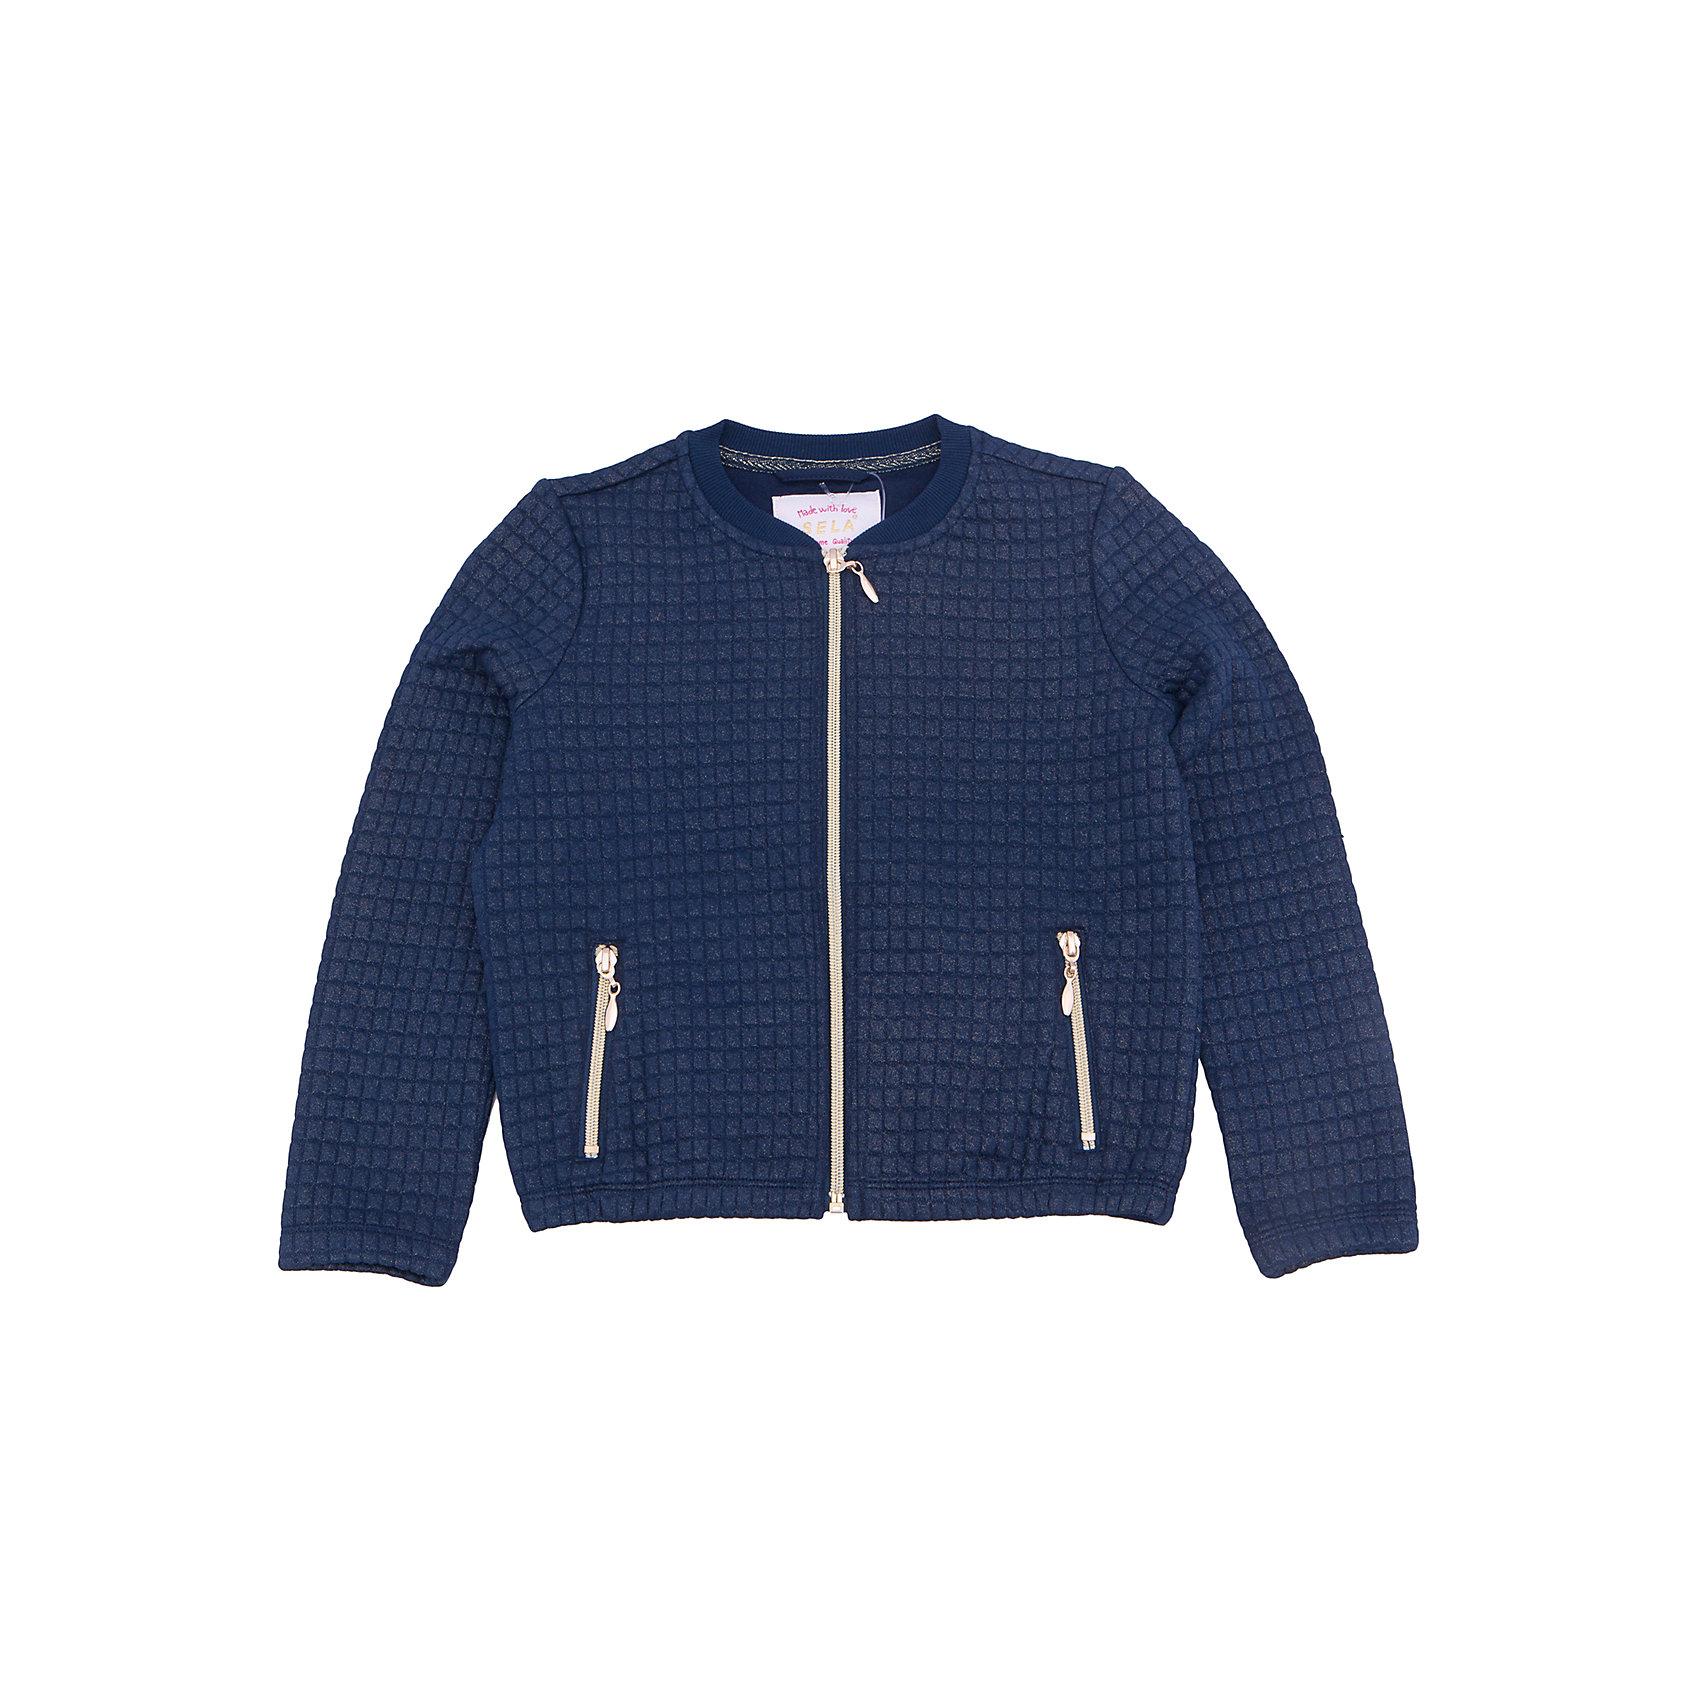 Куртка для девочки SELAХарактеристики товара:<br><br>• цвет: синий<br>• состав: 60% Полиэстер, 35% хлопок, 5% эластан<br>• температурный режим: от +10°до +20°С<br>• молния<br>• манжеты<br>• длинные рукава<br>• карманы<br>• коллекция весна-лето 2017<br>• страна бренда: Российская Федерация<br><br>Вещи из новой коллекции SELA продолжают радовать удобством! Легкая куртка для девочки поможет разнообразить гардероб ребенка и обеспечить комфорт. Она отлично сочетается с юбками и брюками. Очень стильно смотрится!<br><br>Одежда, обувь и аксессуары от российского бренда SELA не зря пользуются большой популярностью у детей и взрослых! Модели этой марки - стильные и удобные, цена при этом неизменно остается доступной. Для их производства используются только безопасные, качественные материалы и фурнитура. Новая коллекция поддерживает хорошие традиции бренда! <br><br>Куртку для девочки от популярного бренда SELA (СЕЛА) можно купить в нашем интернет-магазине.<br><br>Ширина мм: 356<br>Глубина мм: 10<br>Высота мм: 245<br>Вес г: 519<br>Цвет: синий<br>Возраст от месяцев: 96<br>Возраст до месяцев: 108<br>Пол: Женский<br>Возраст: Детский<br>Размер: 134,140,146,152,116,122,128<br>SKU: 5305053